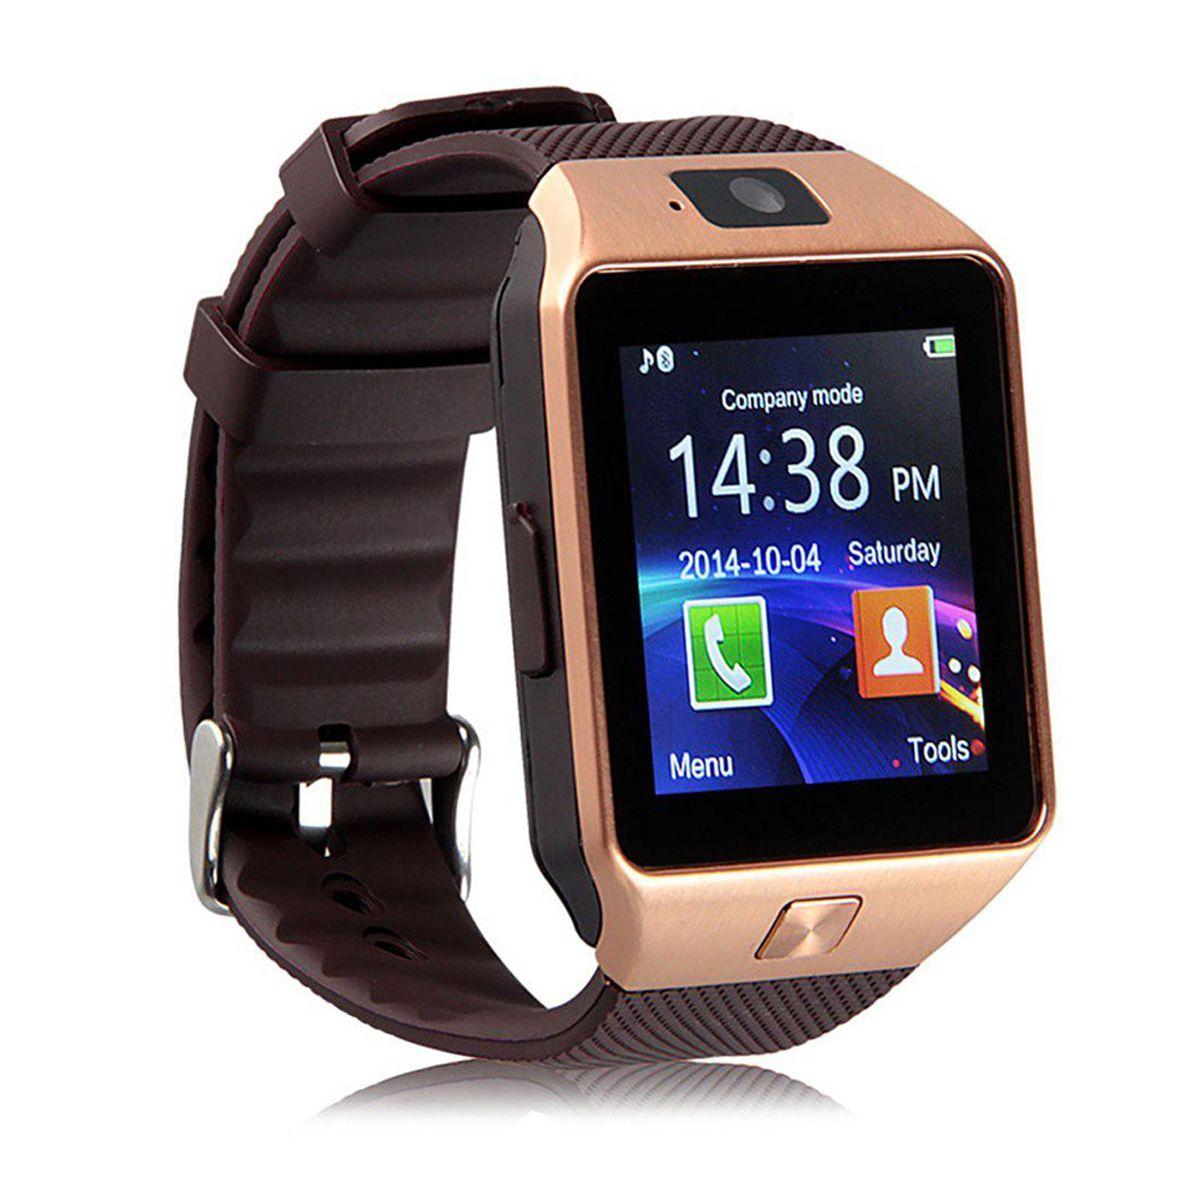 Bastex Smartwatch Suited LG K5 Dz09 Golden Smart Watches